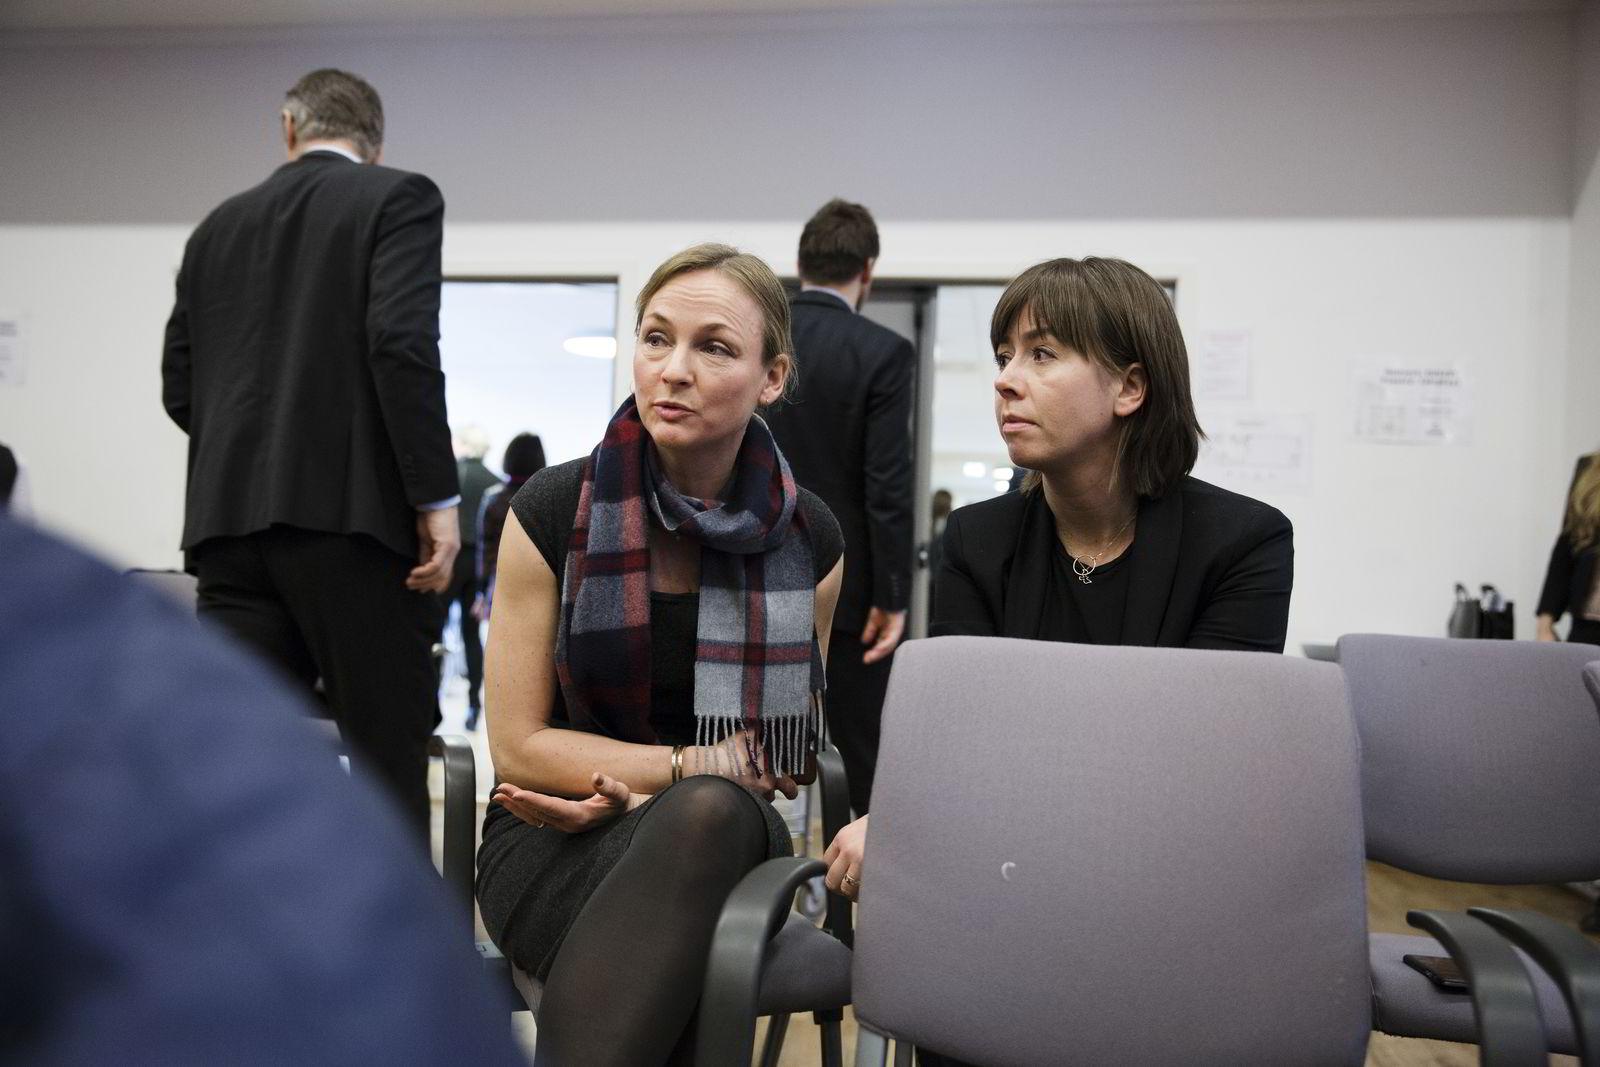 Fra venstre: Liv Freihow, direktør for næringspolitikk i IKT-Norge og Heidi Austlid, daglig leder IKT-Norge. Foto: Per Thrana